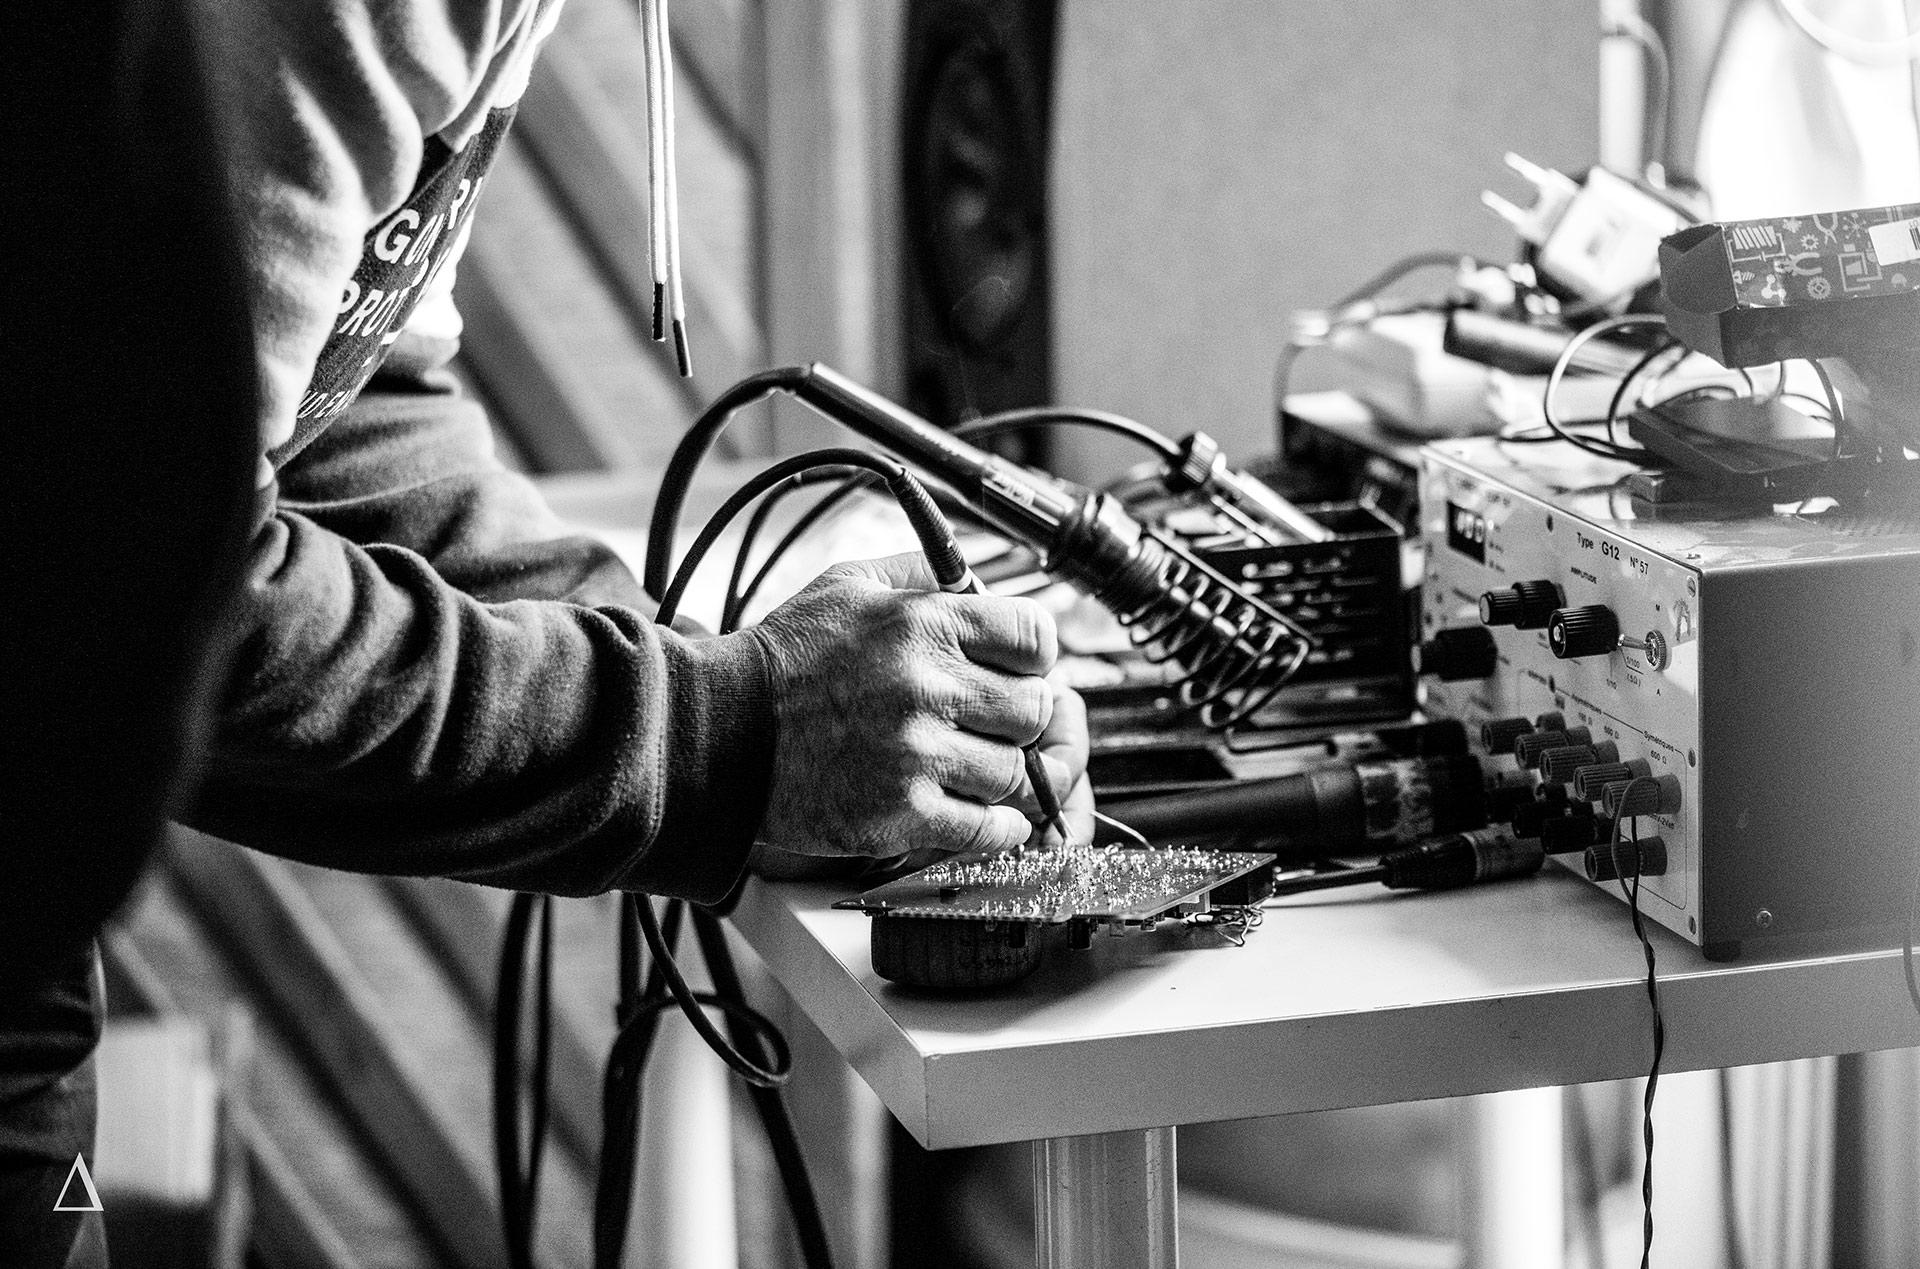 https://www.audiosculture.fr/wp-content/uploads/2020/11/AUDIOSCULTURE_ELECTRONIQUE_AUDIO-2.jpg